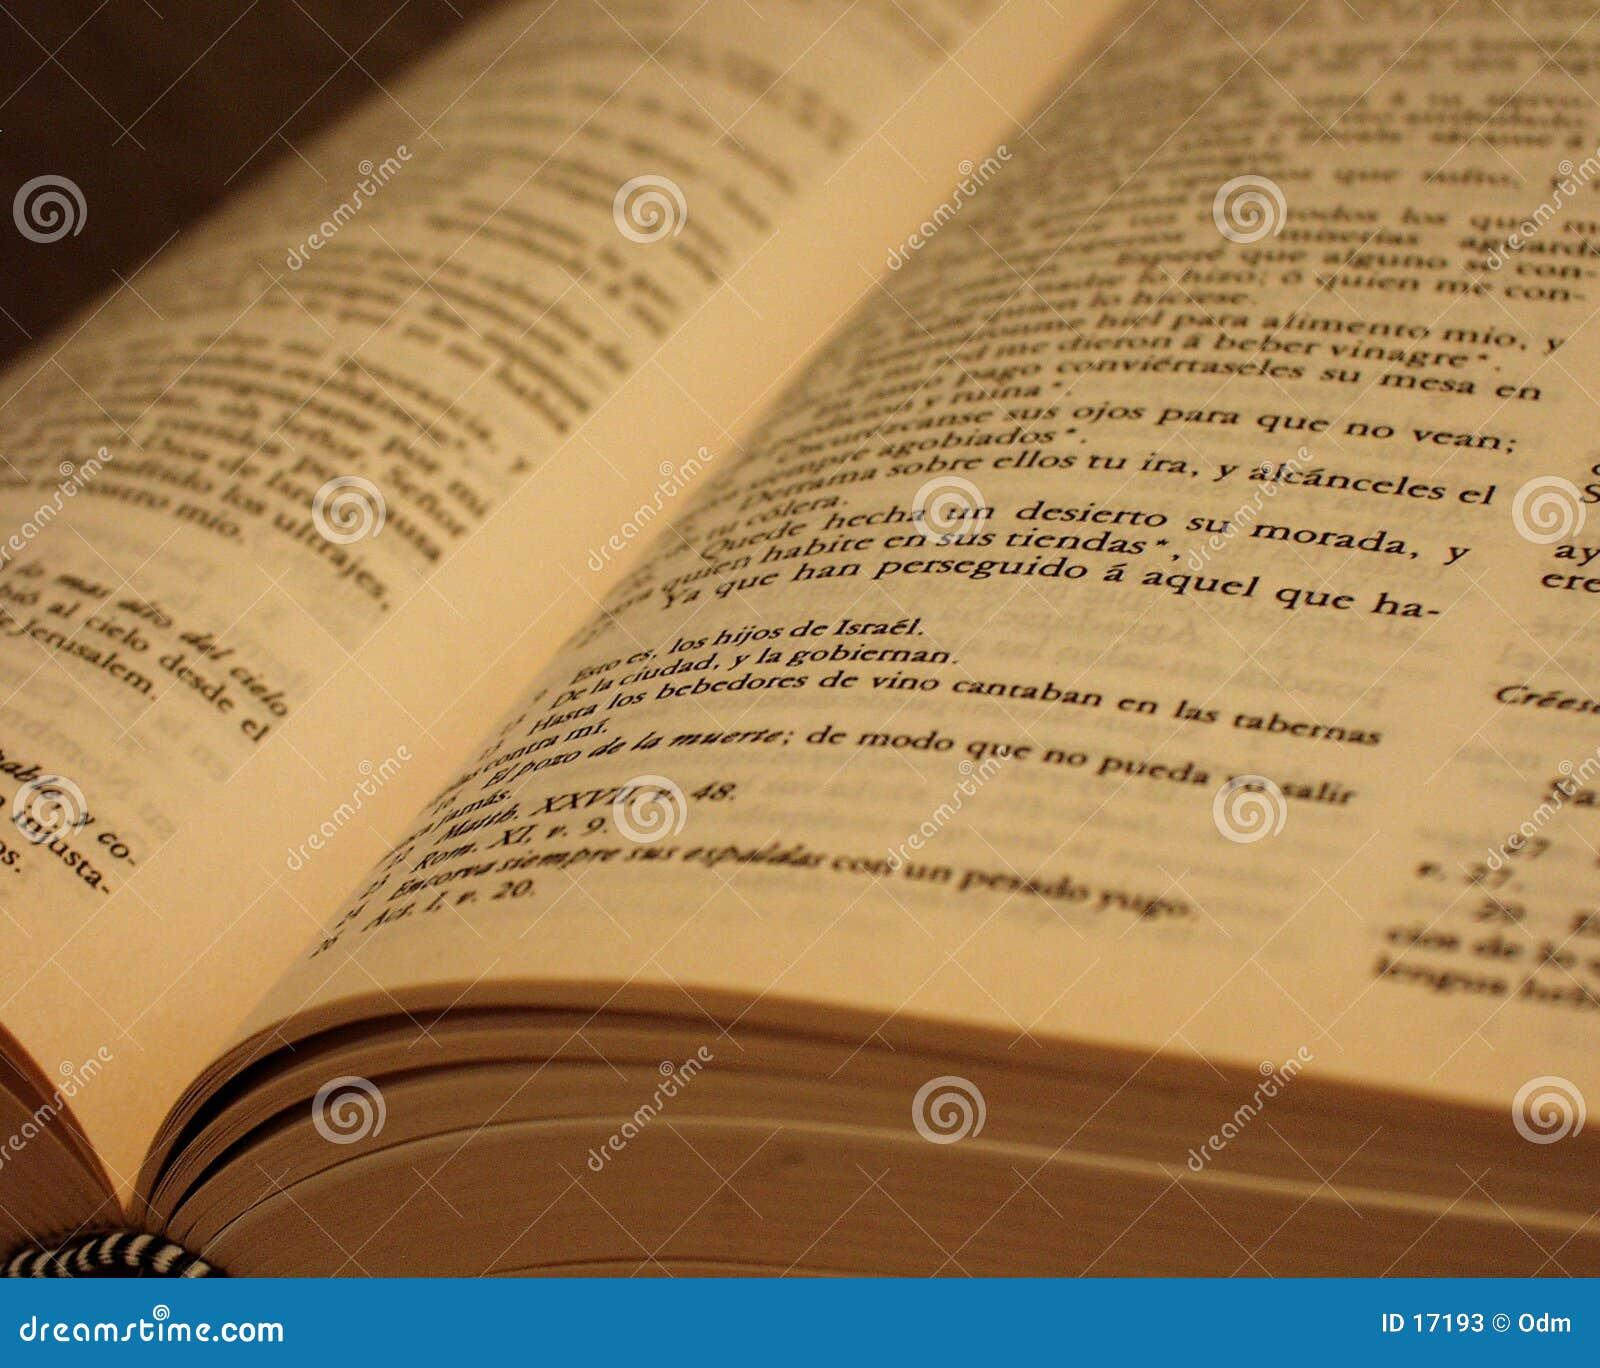 Spanische antike Bibel